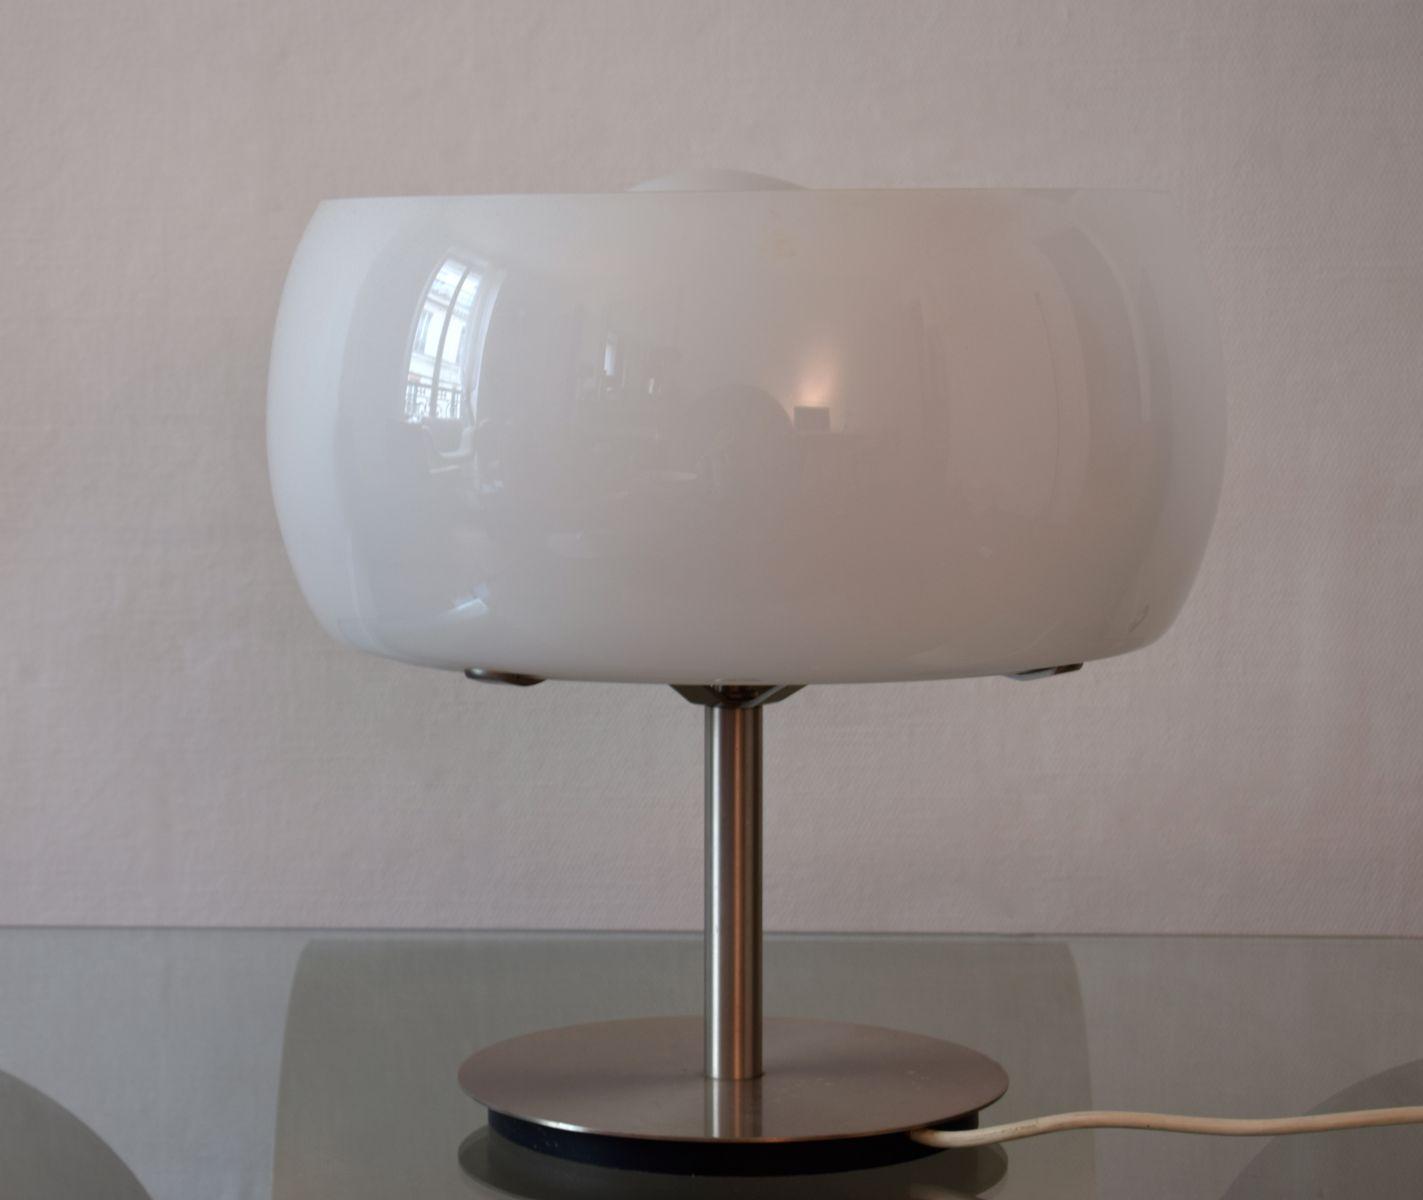 lampe de bureau par vico magistretti pour artemide 1964 en vente sur pamono. Black Bedroom Furniture Sets. Home Design Ideas